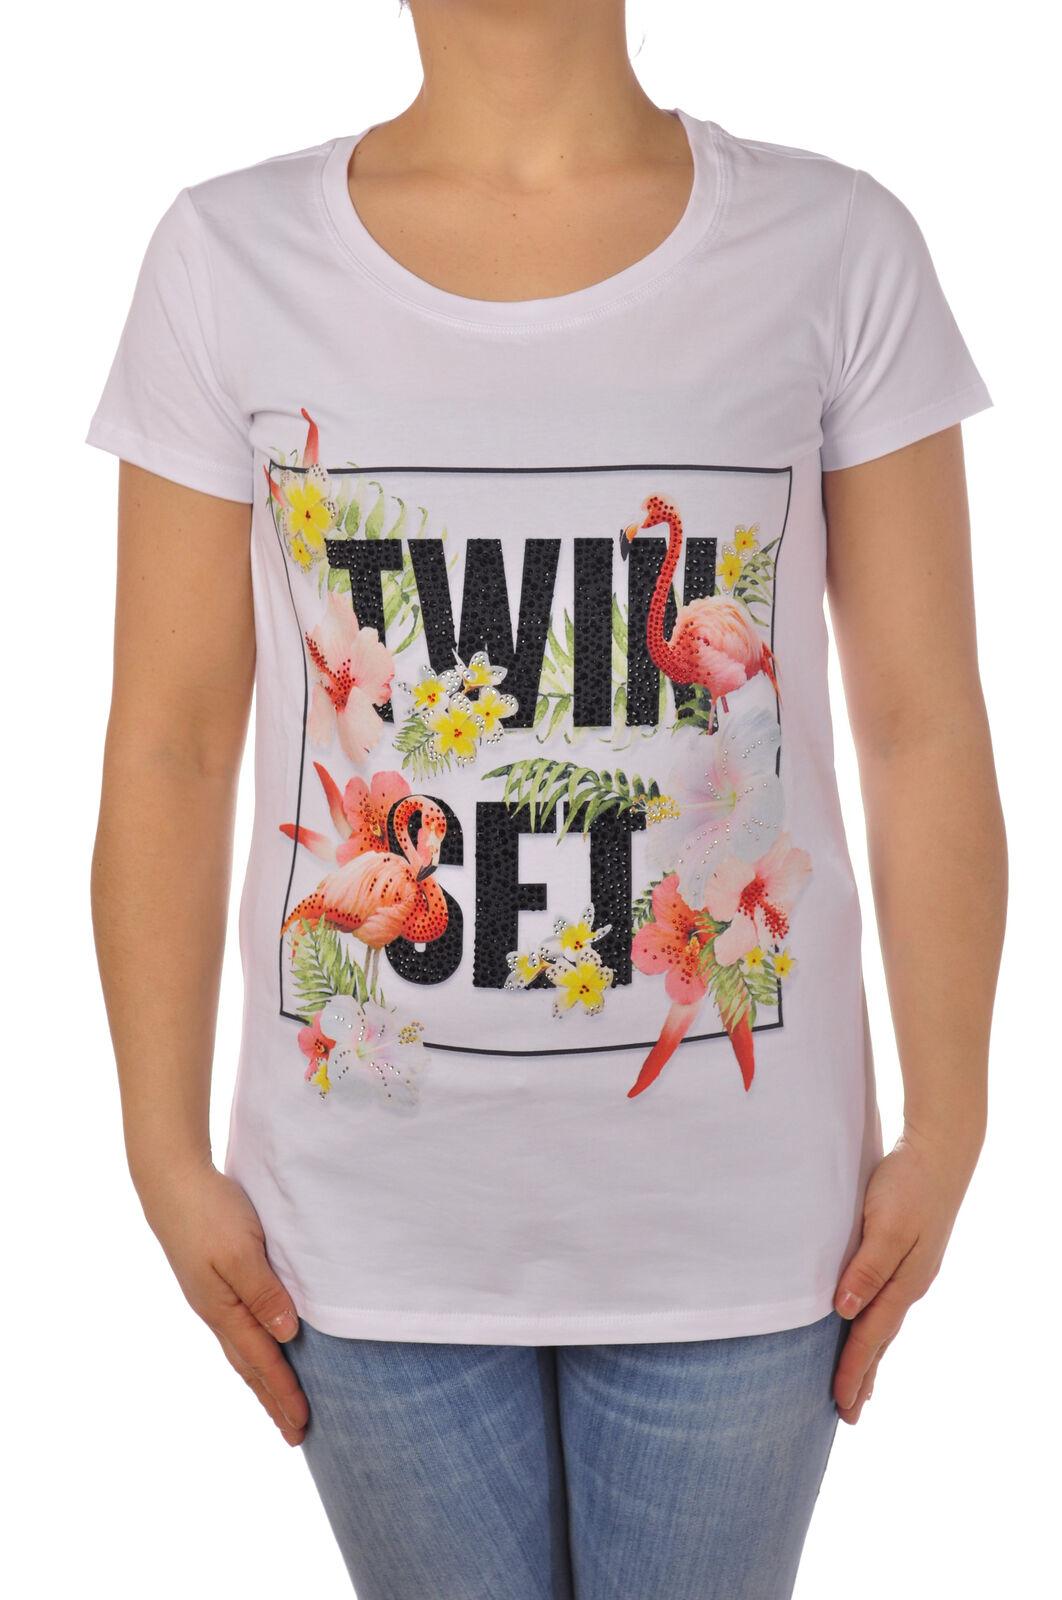 Twin Set - Topwear-T-shirts - Woman - Weiß - 5084731G184625